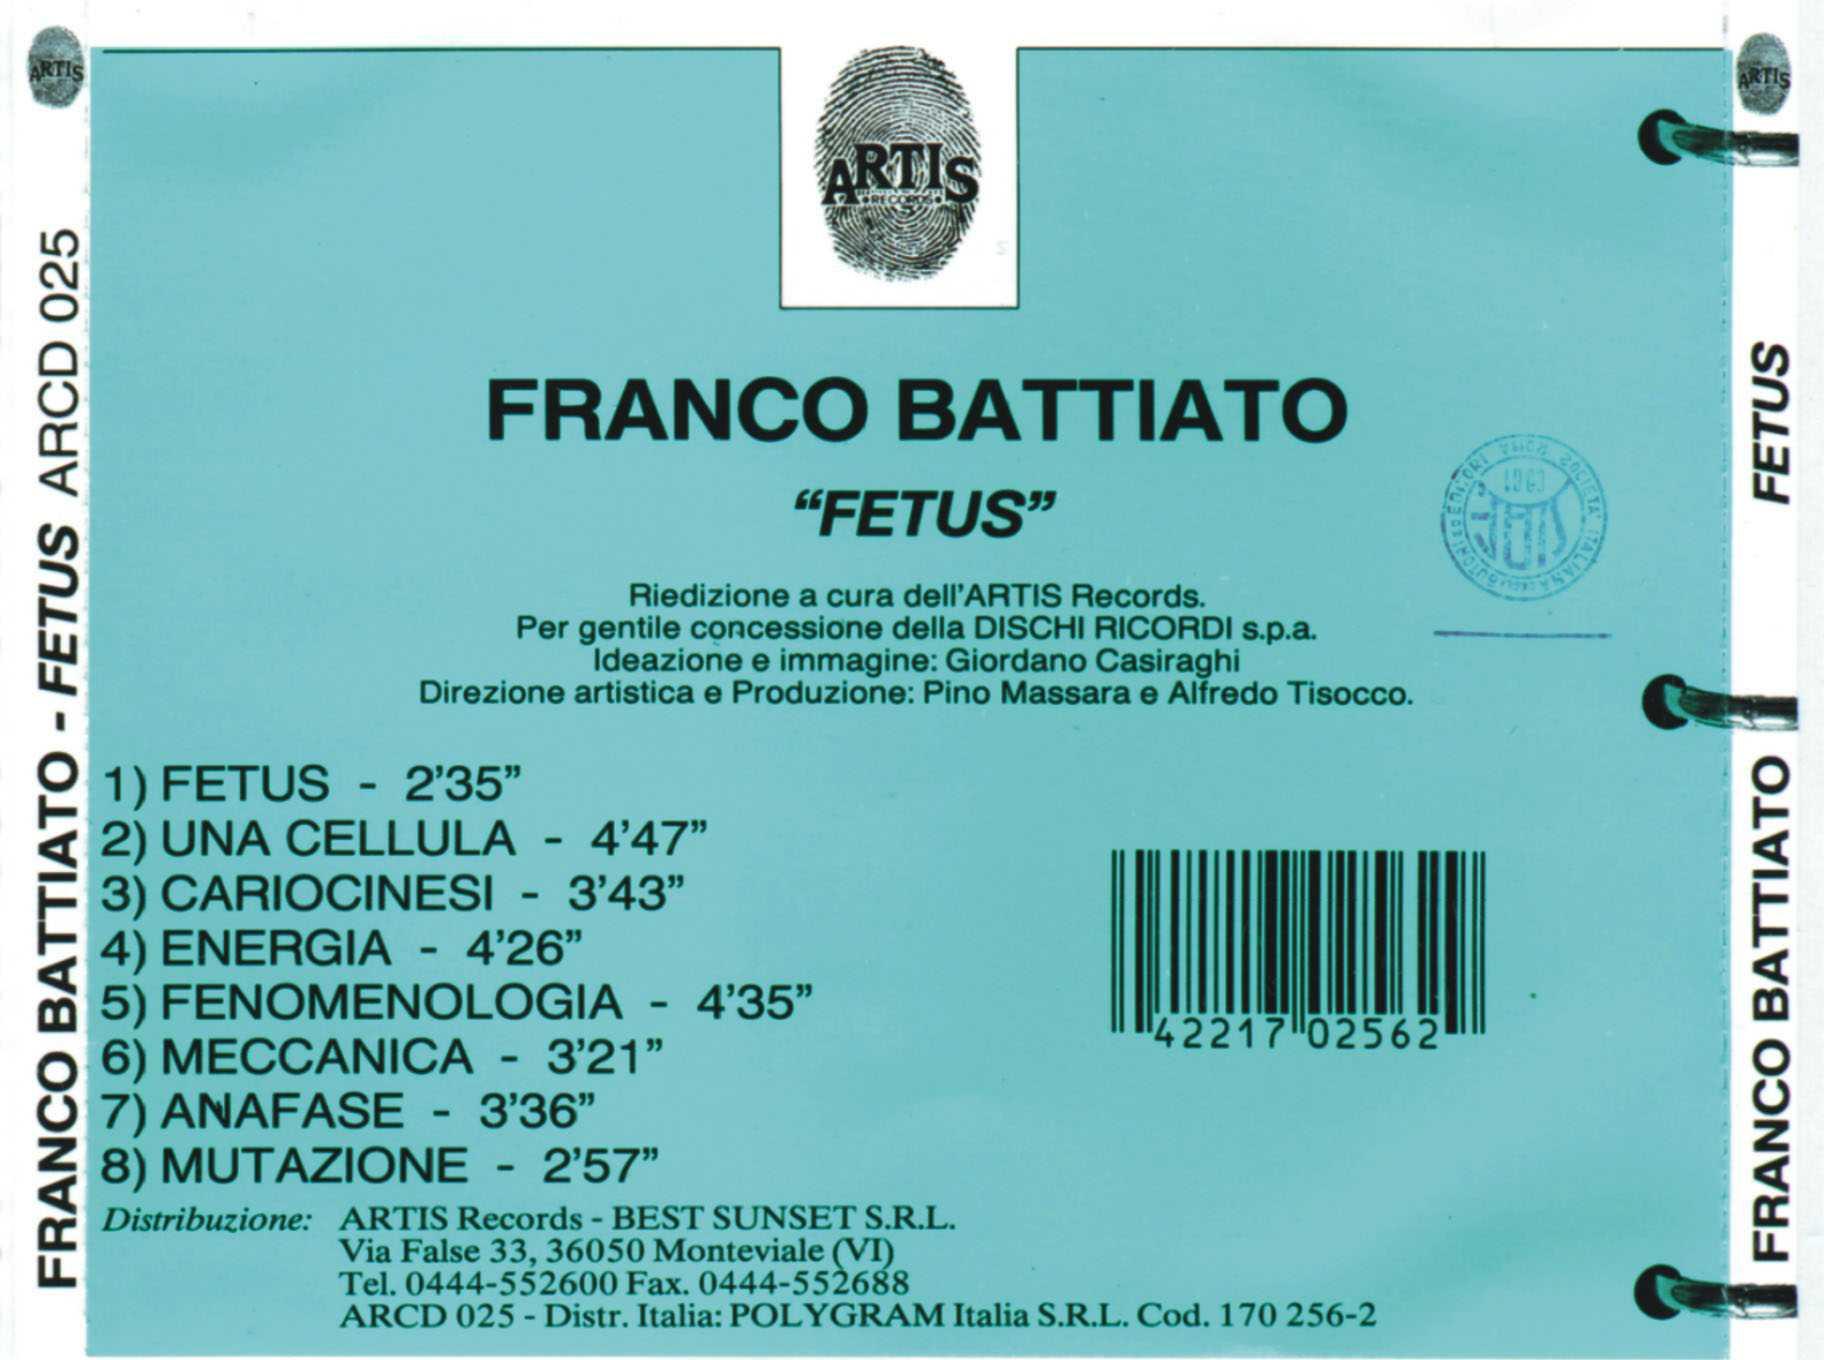 franco battiato foetus download free